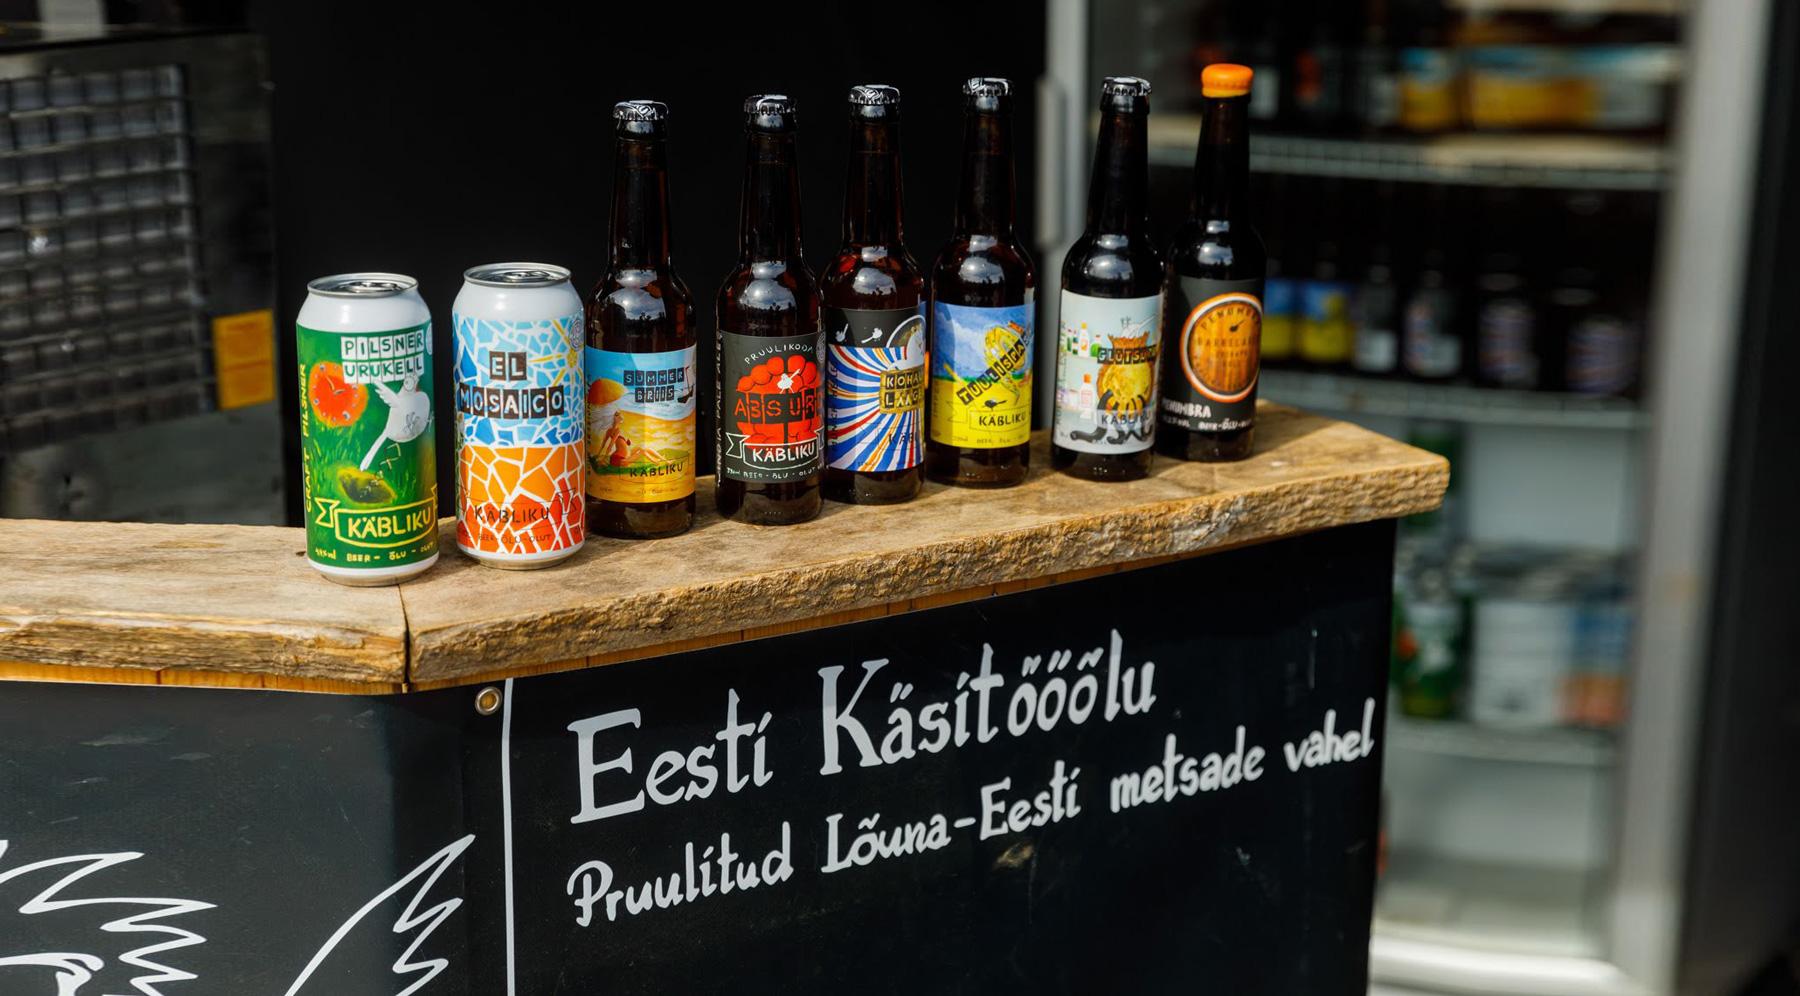 EVPL приглашает пивоваров-любителей  участвовать в конкурсе крафтового пива